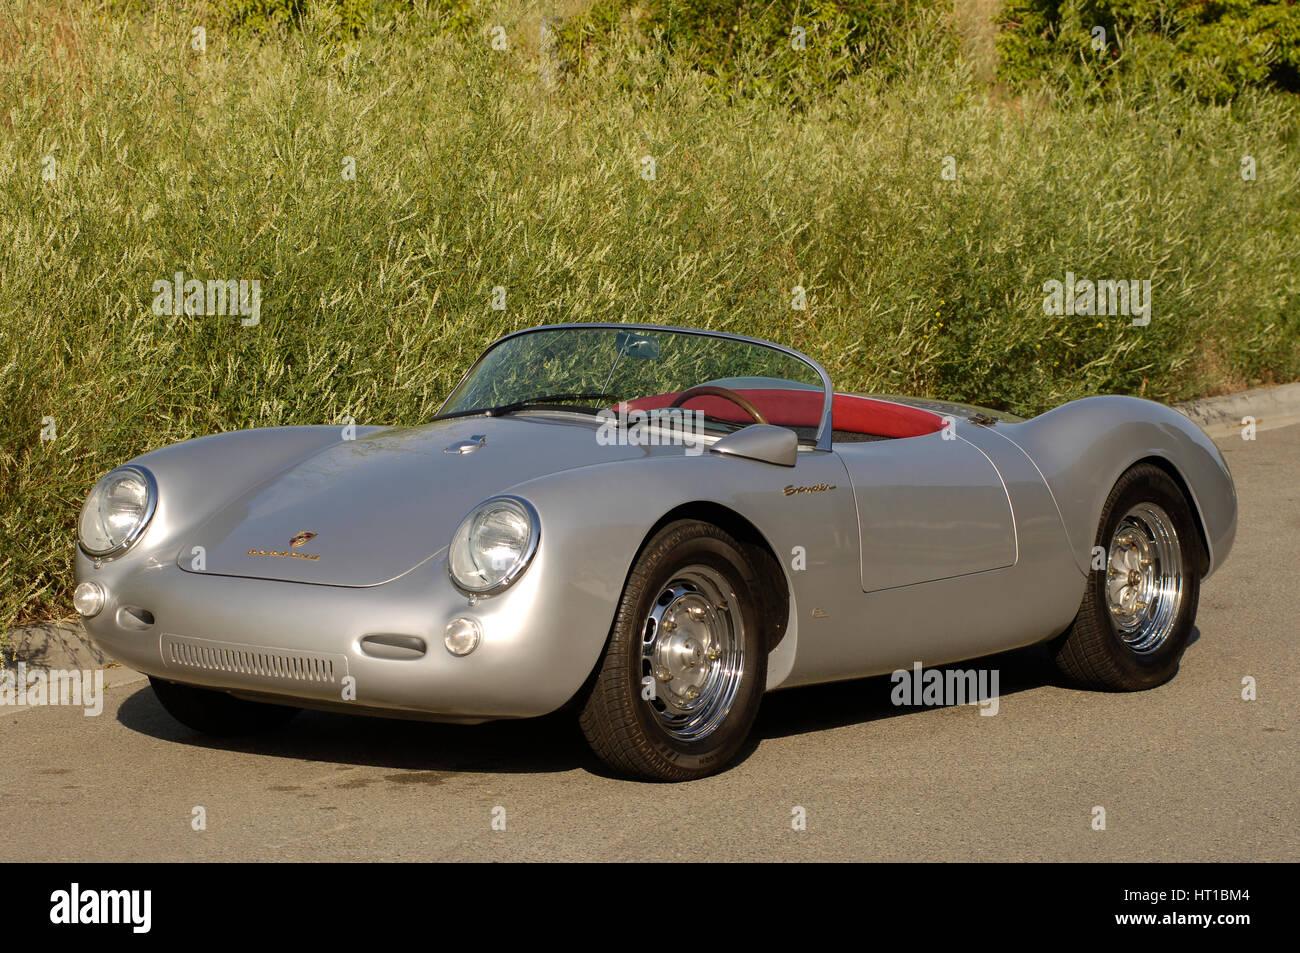 1956 Porsche Spyder James Dean Replica Artist Simon Clay Stock Photo Alamy